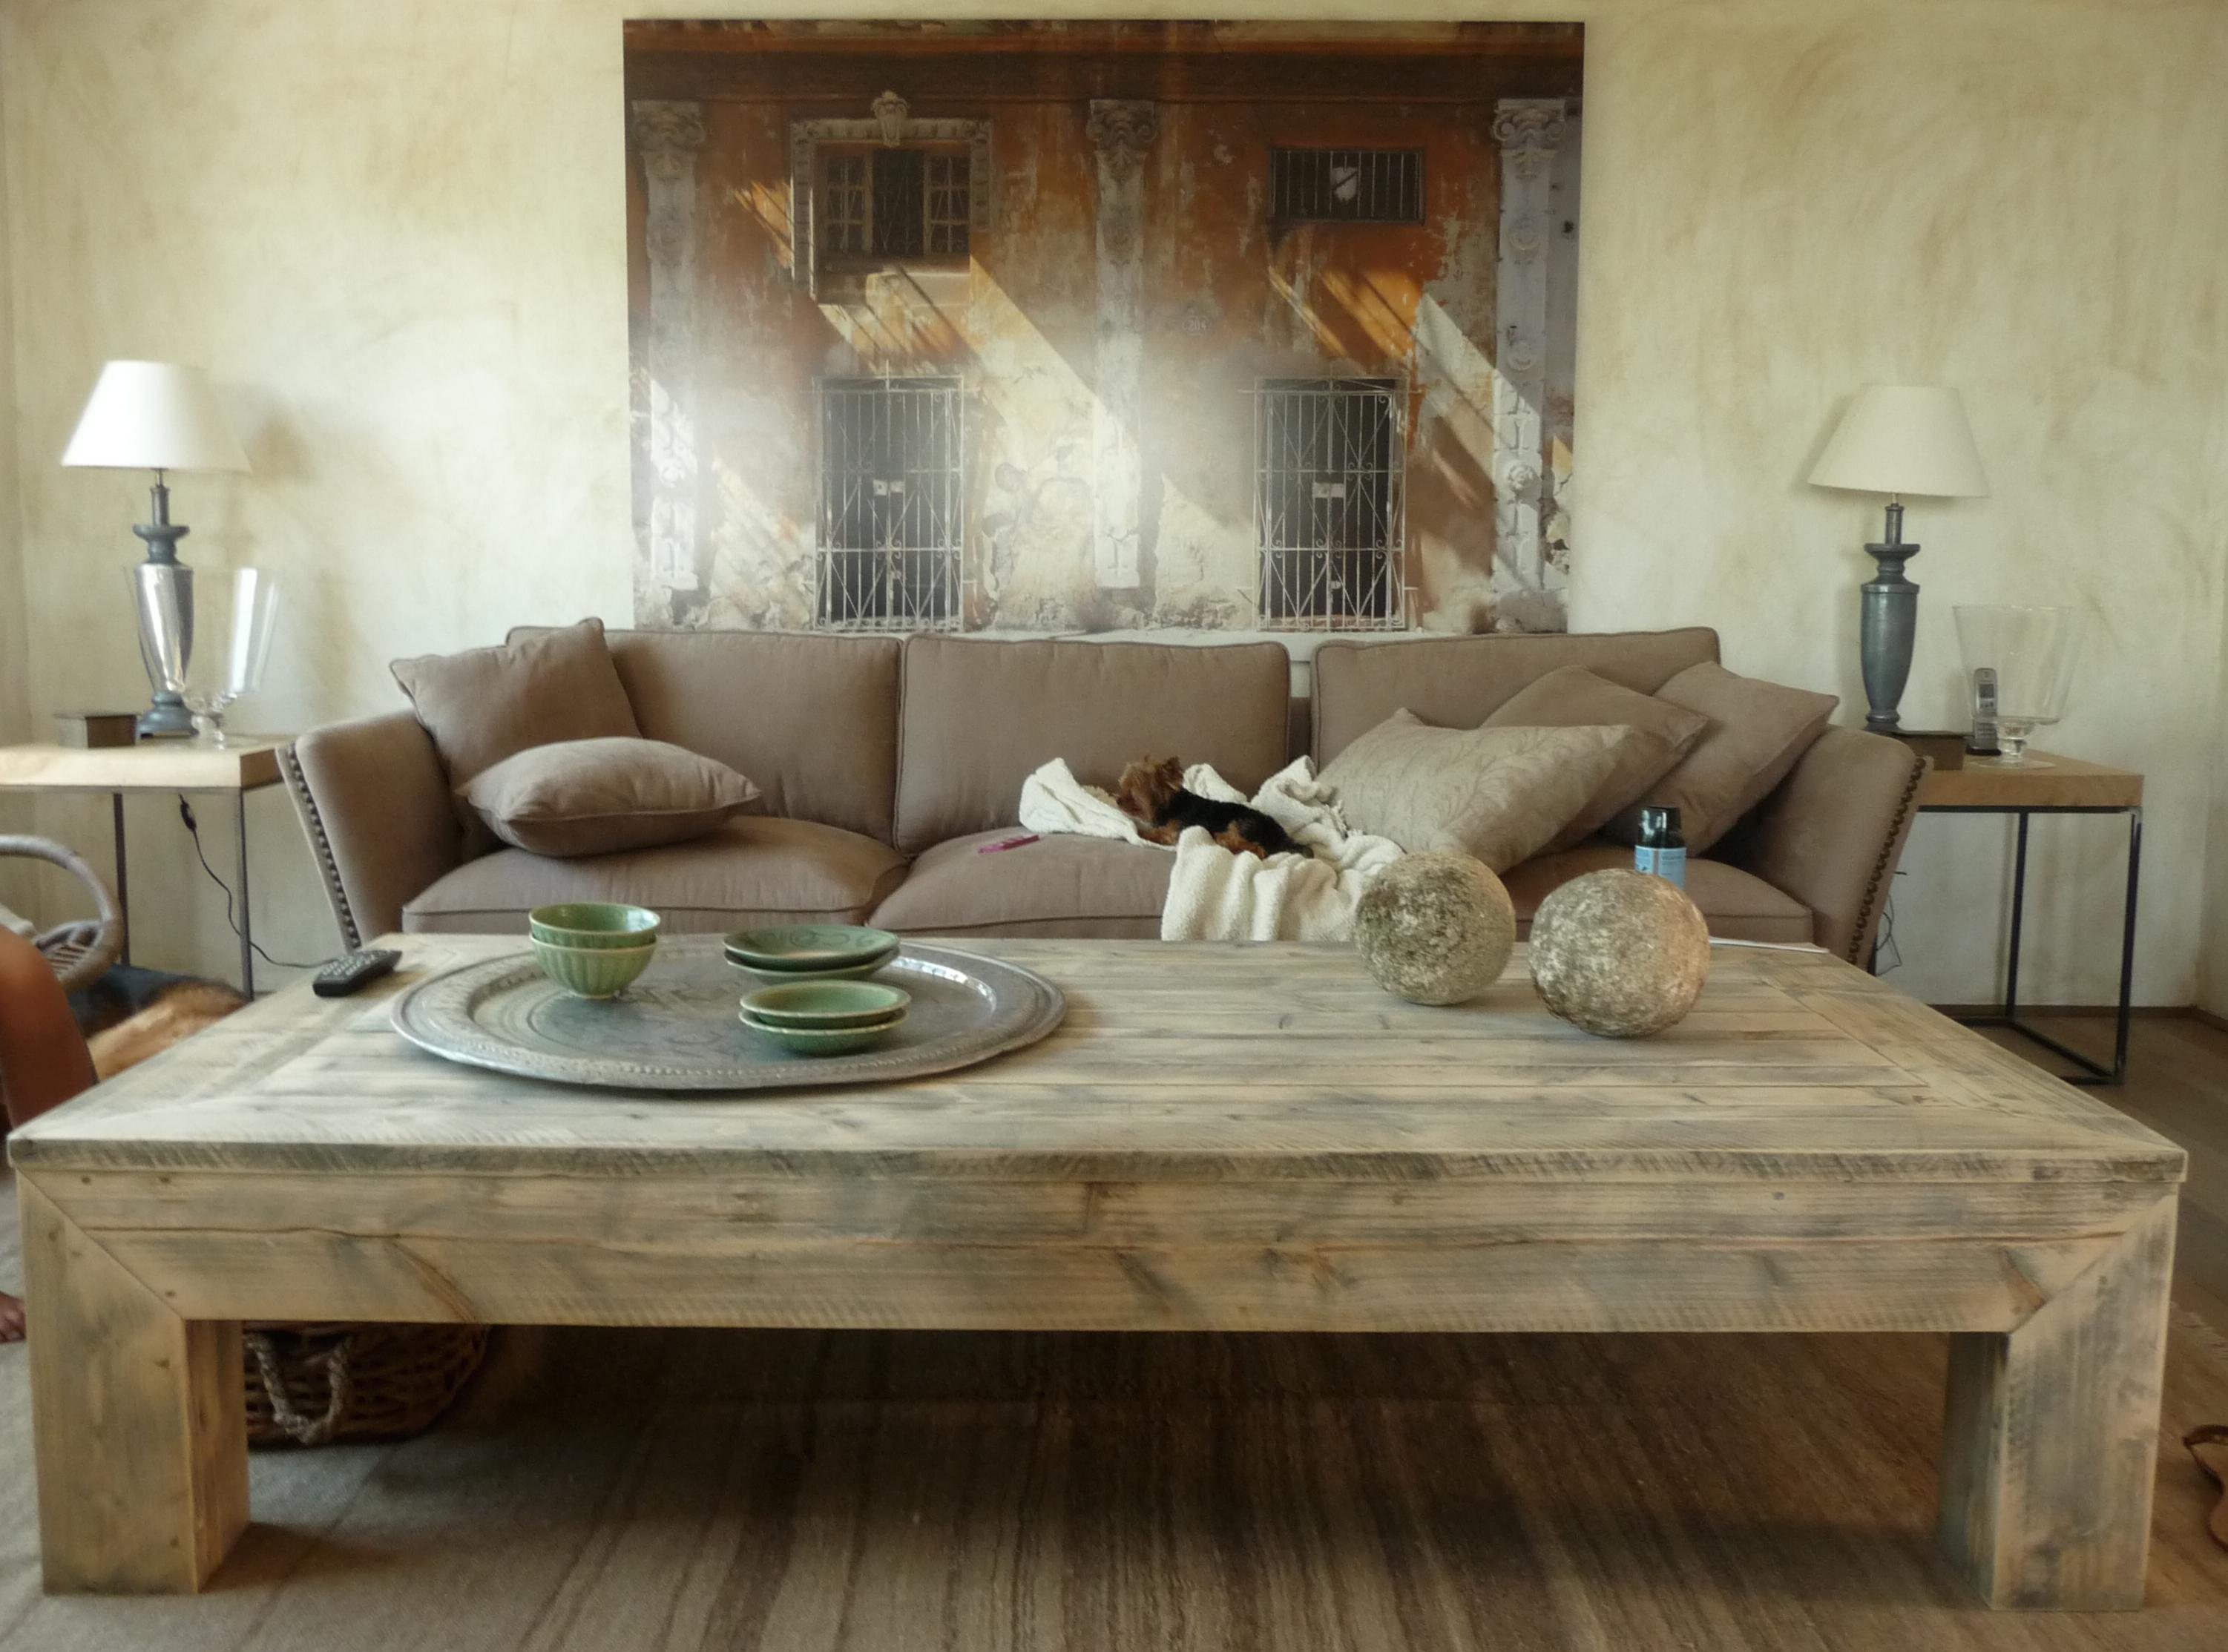 traemos de alemania madera de andamios empleados en la construccin tambin la de suelos vigas y casas antiguas la mayor parte de este material se compra